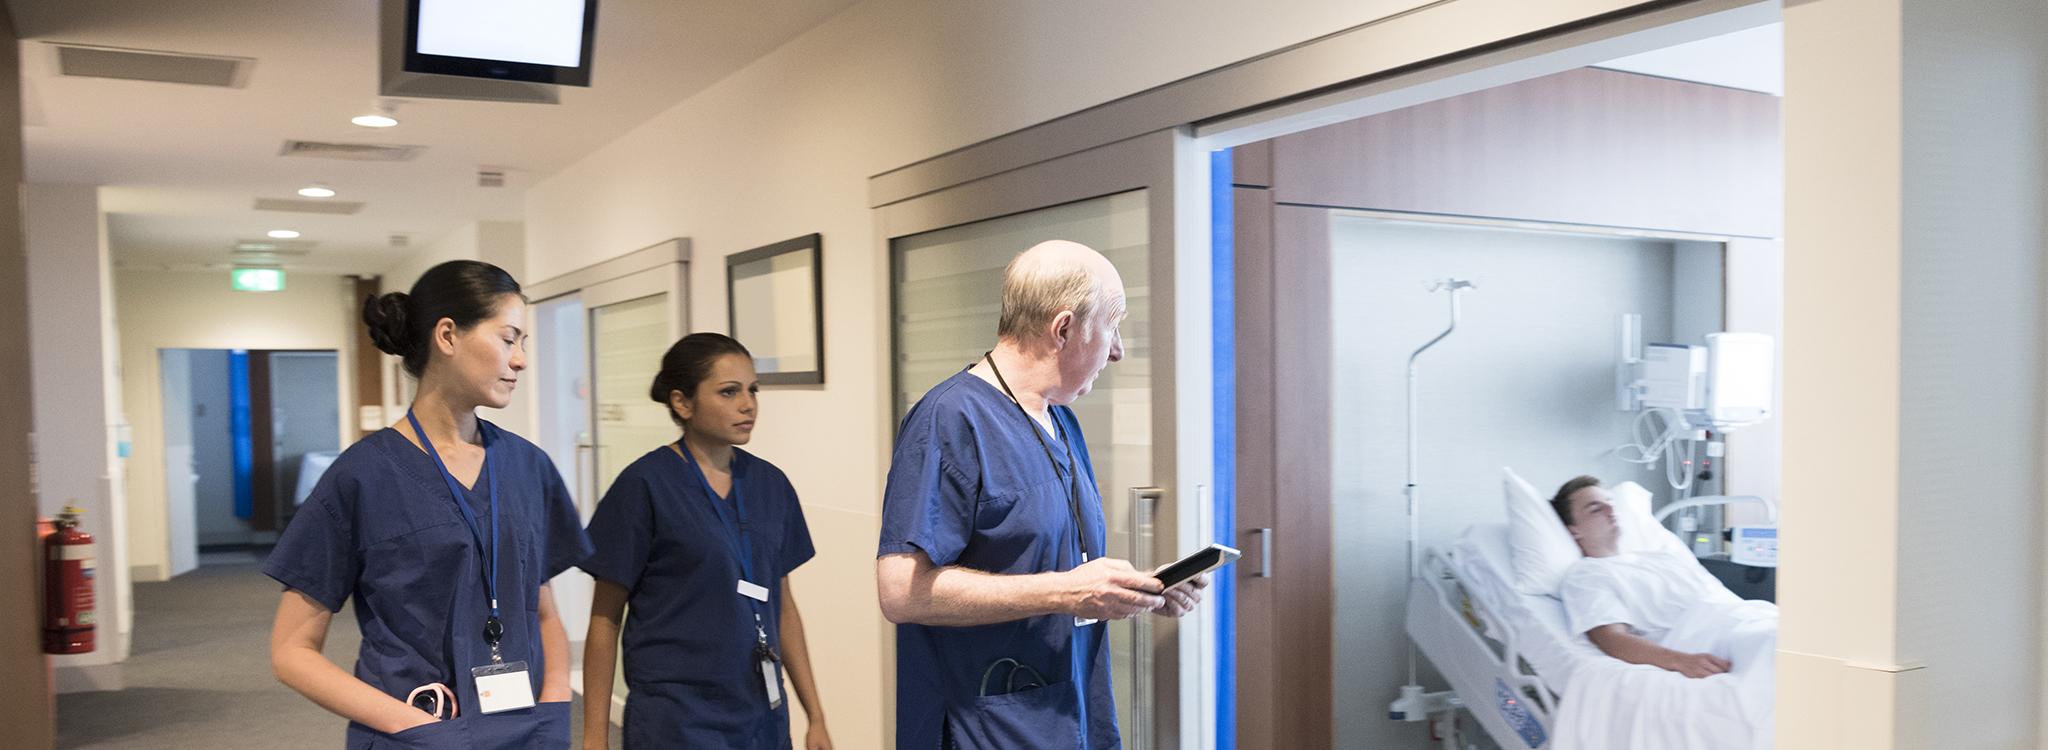 slider 1 - Những điều cần biết về hệ thống chăm sóc sức khoẻ ở Úc